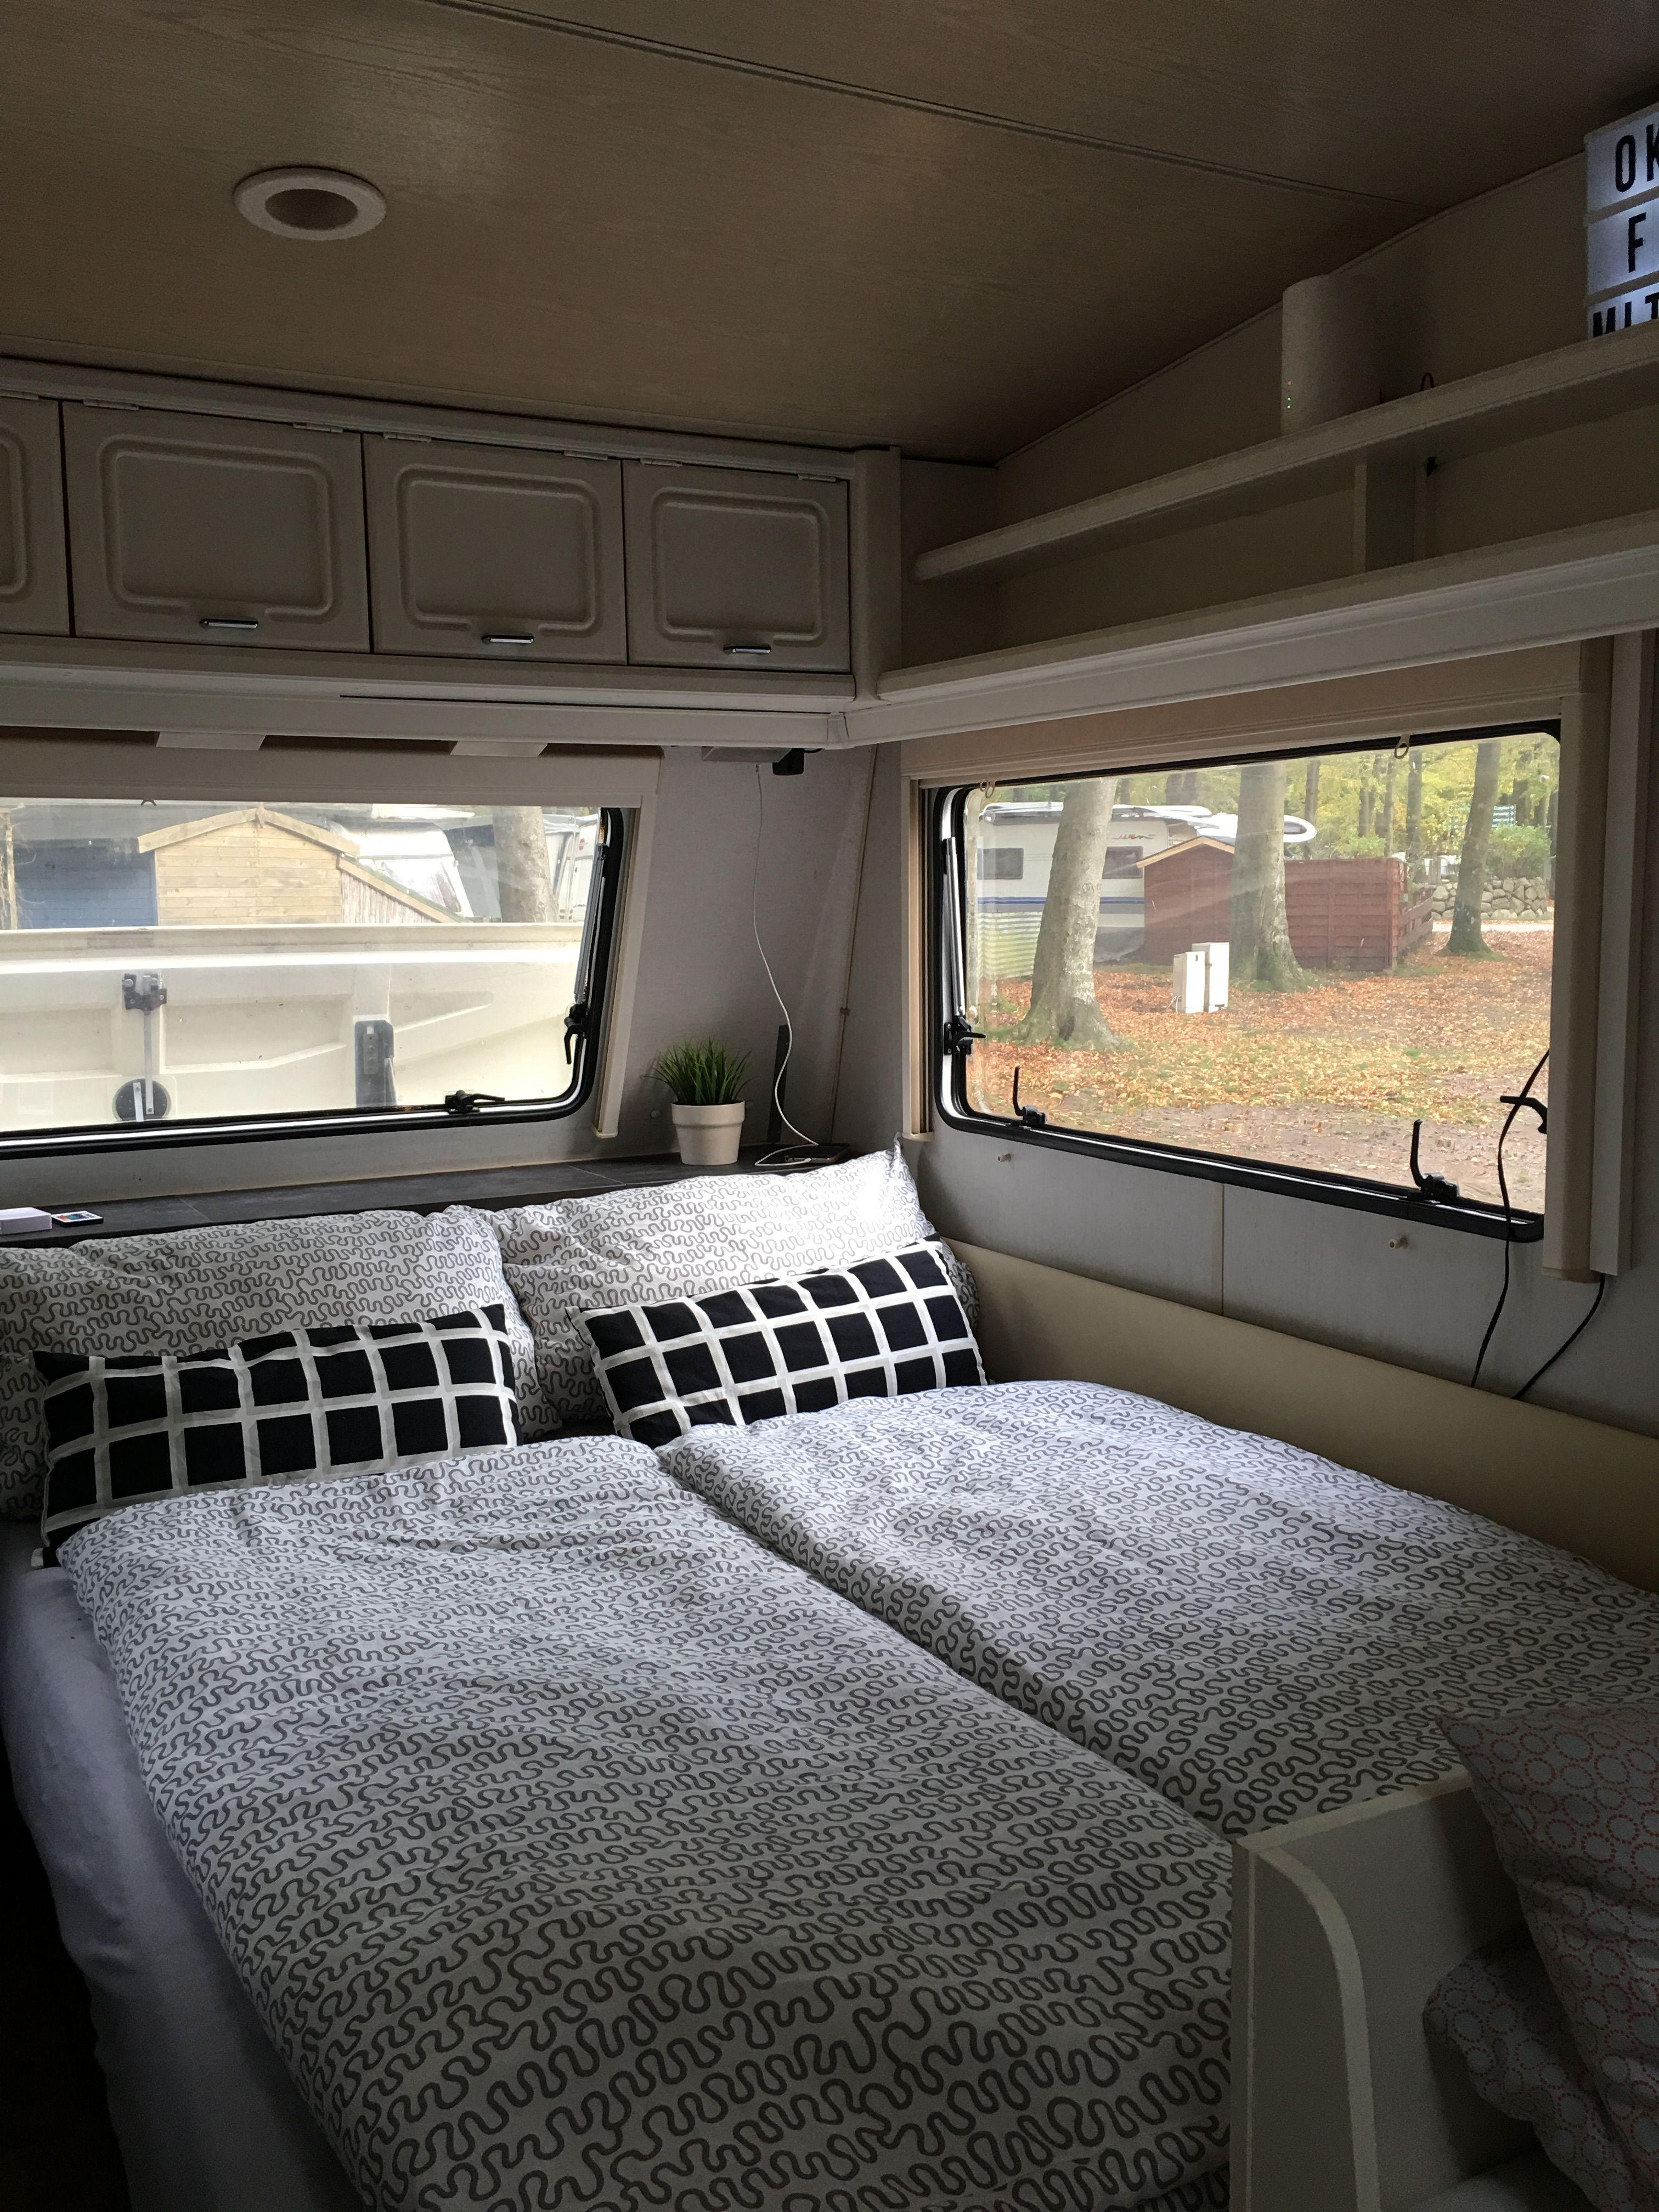 pin von mlsn auf wohnwagen renovieren pinterest wohnwagen renovieren wohnwagen und wohnen. Black Bedroom Furniture Sets. Home Design Ideas